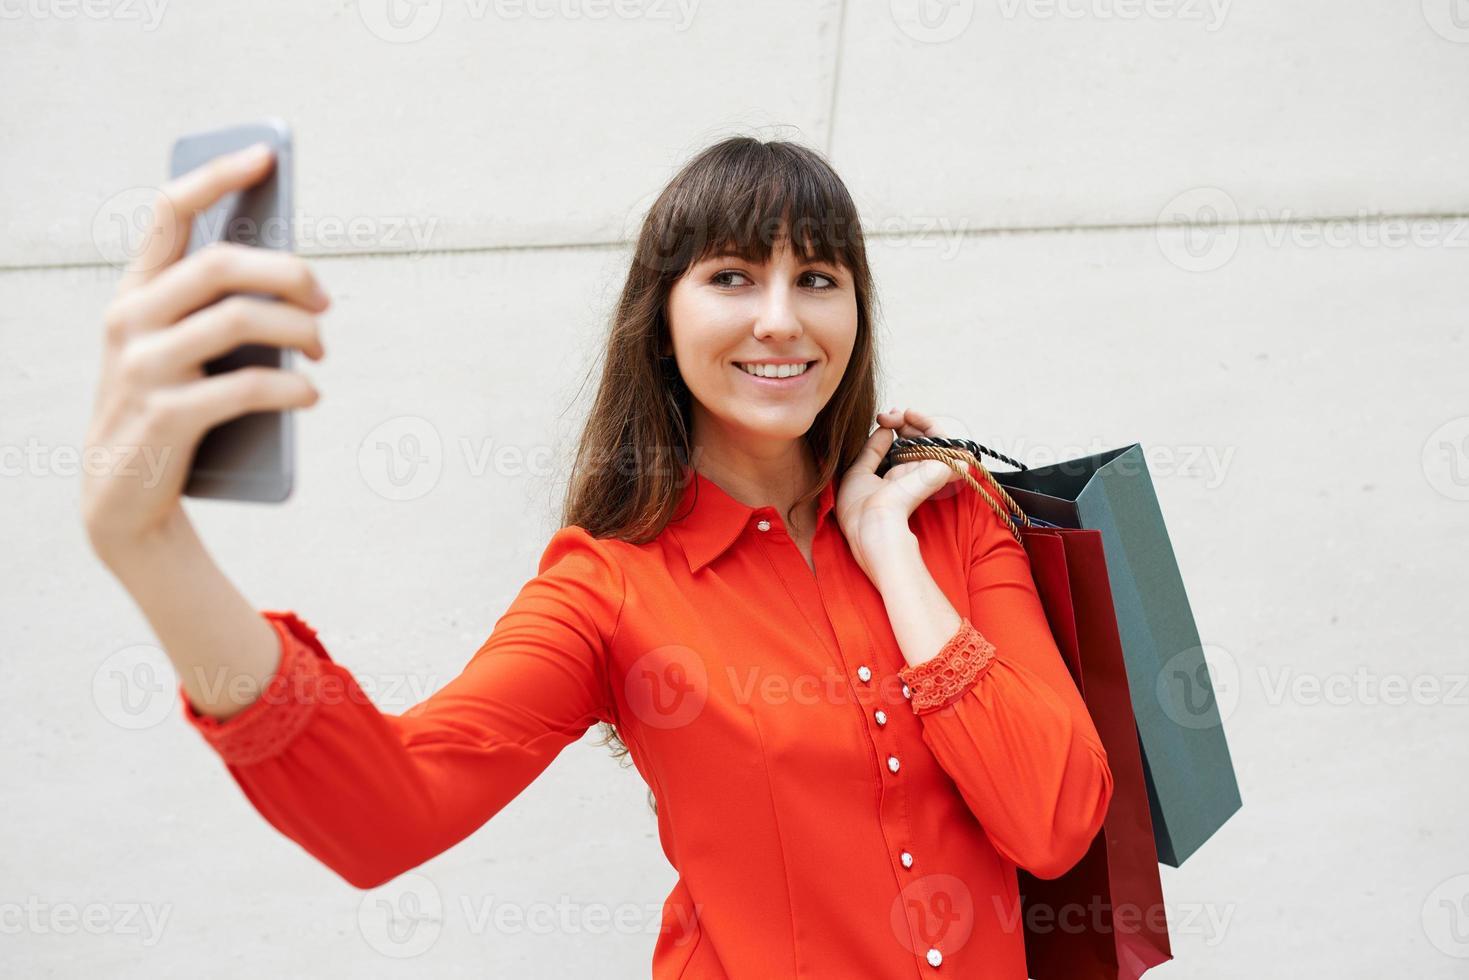 selfie avec achats photo